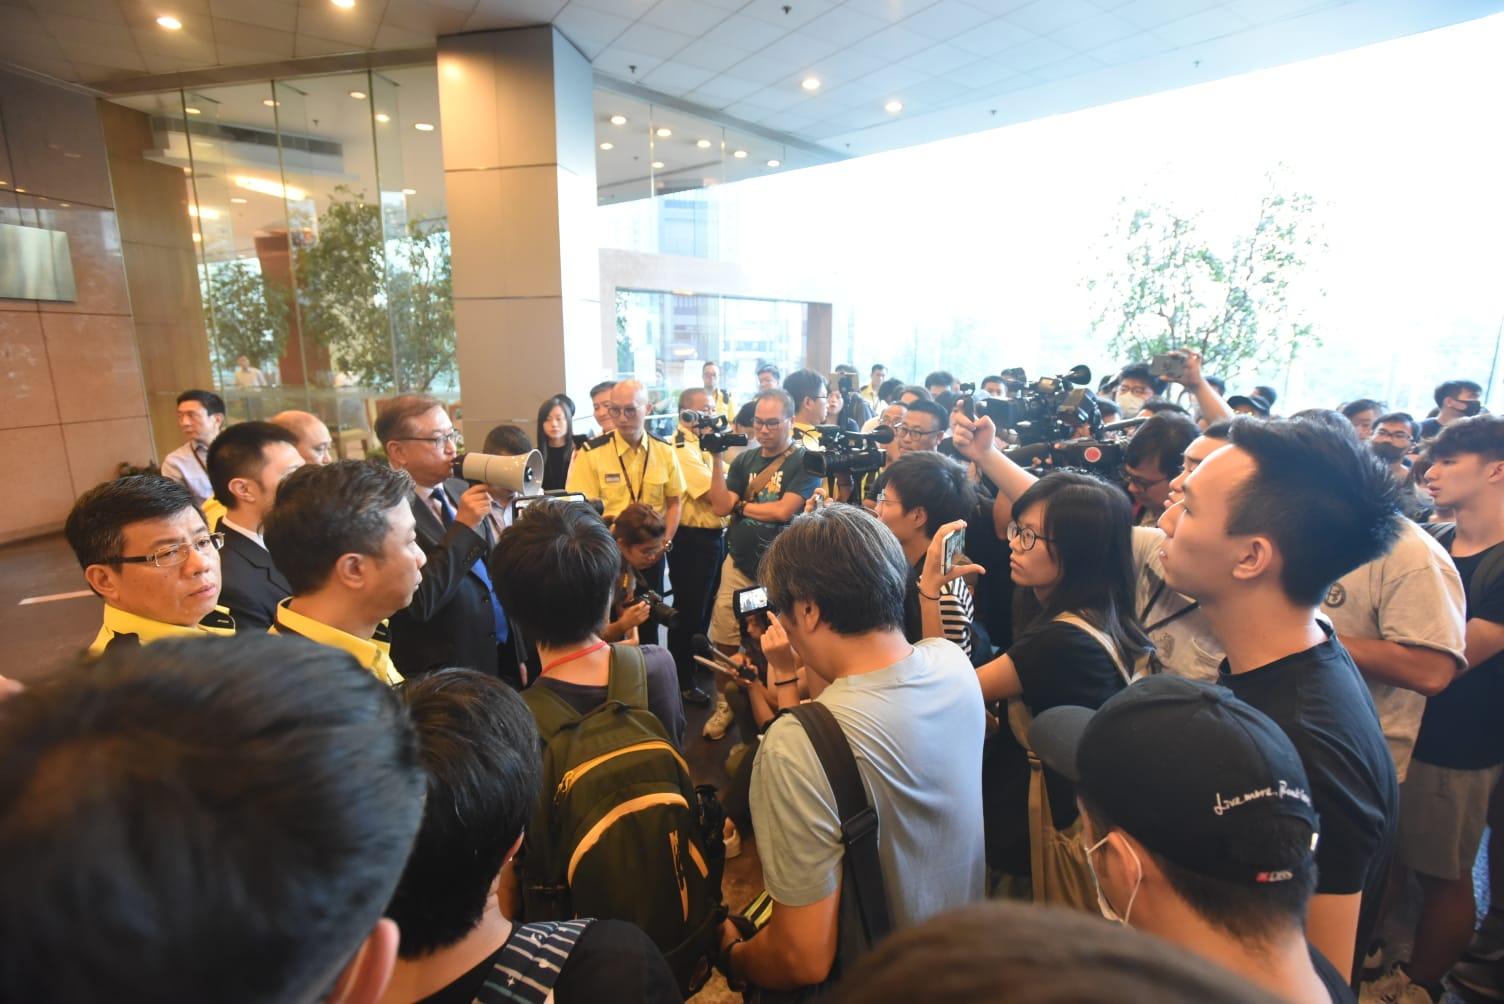 港鐵特別職務總經理 鄭群興到埸對話後離去